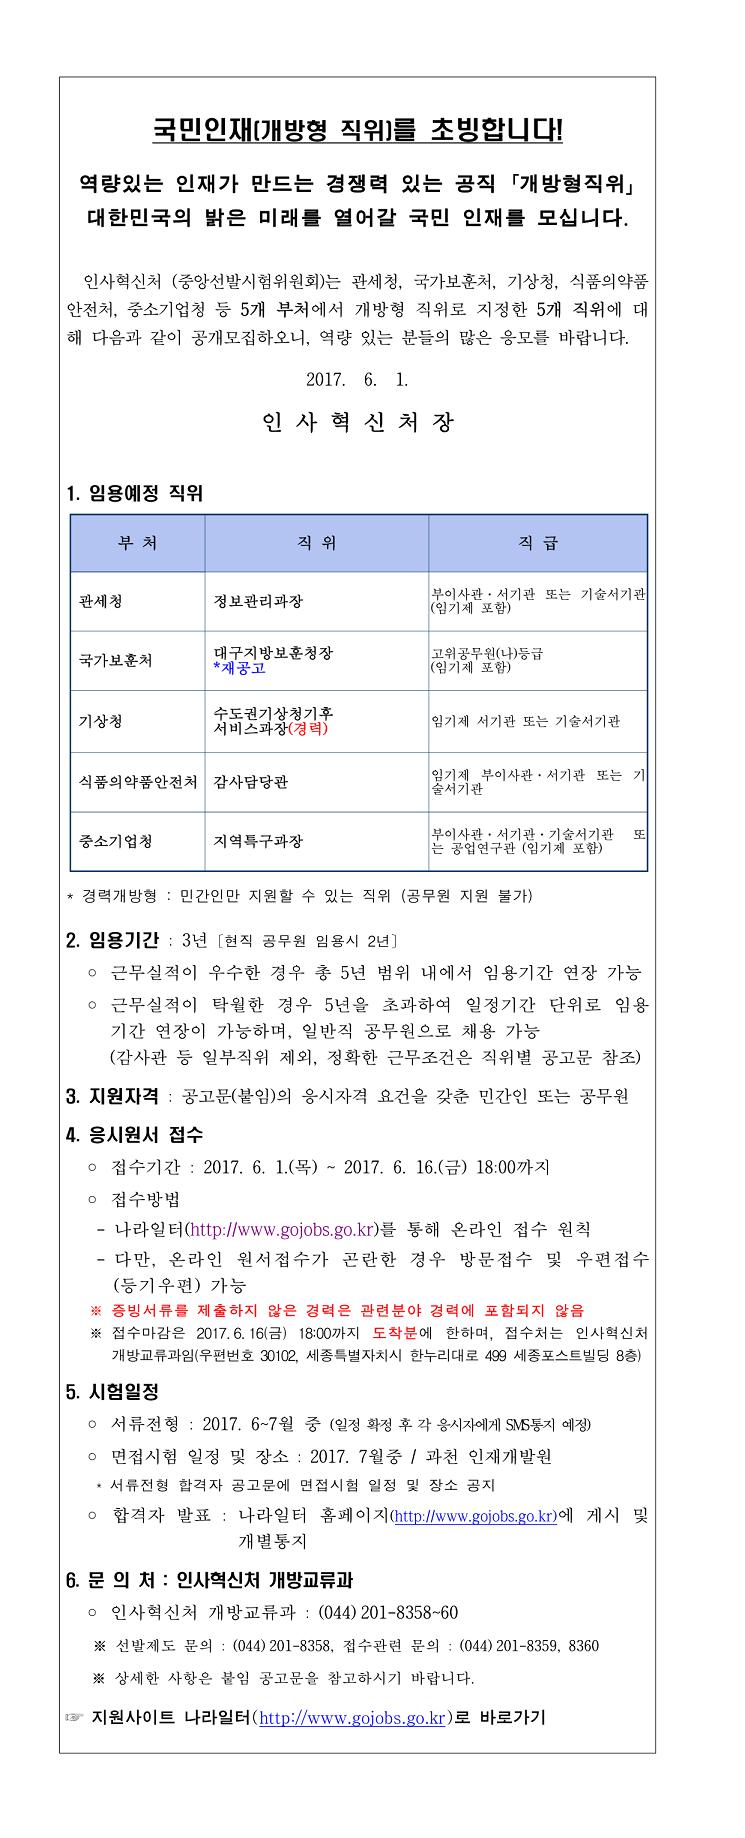 1. 개방형 직위 공개모집 안내(2017년 6월 공고)-1.jpg